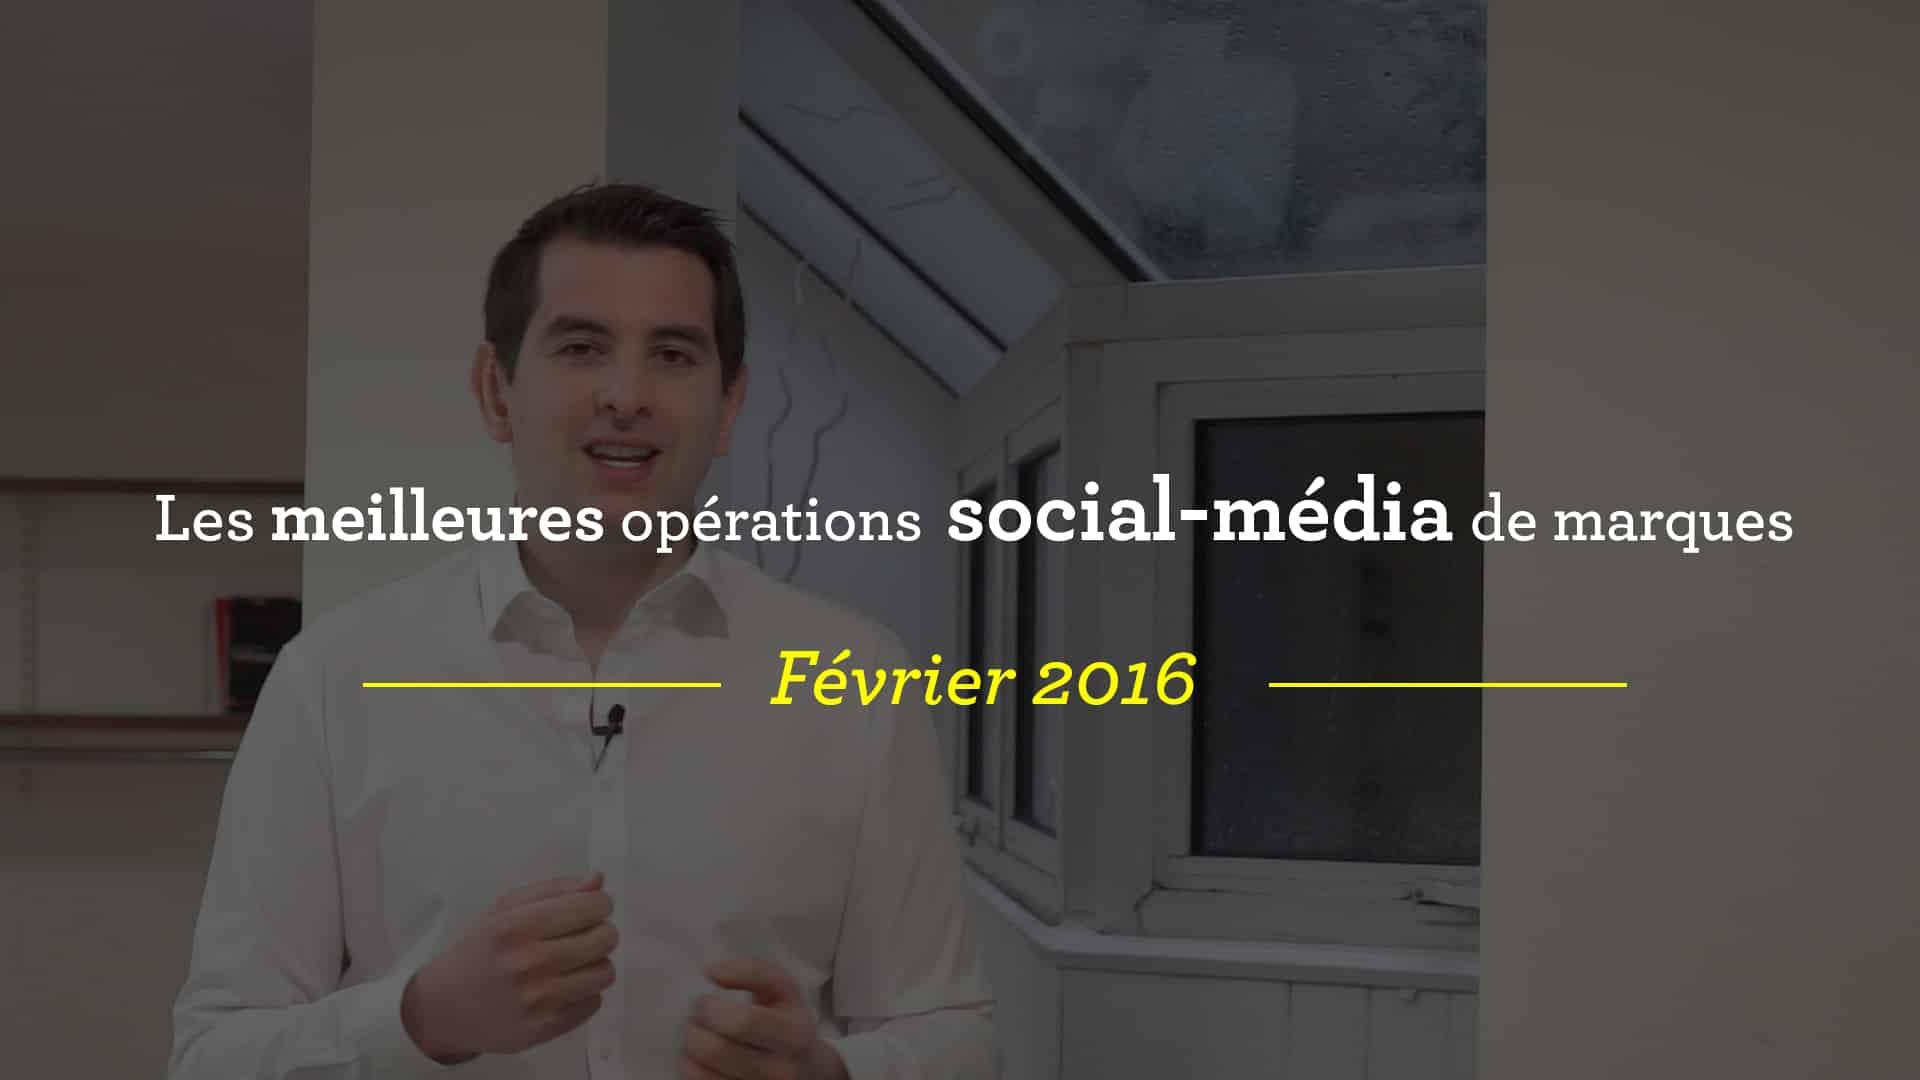 Operations Social Media